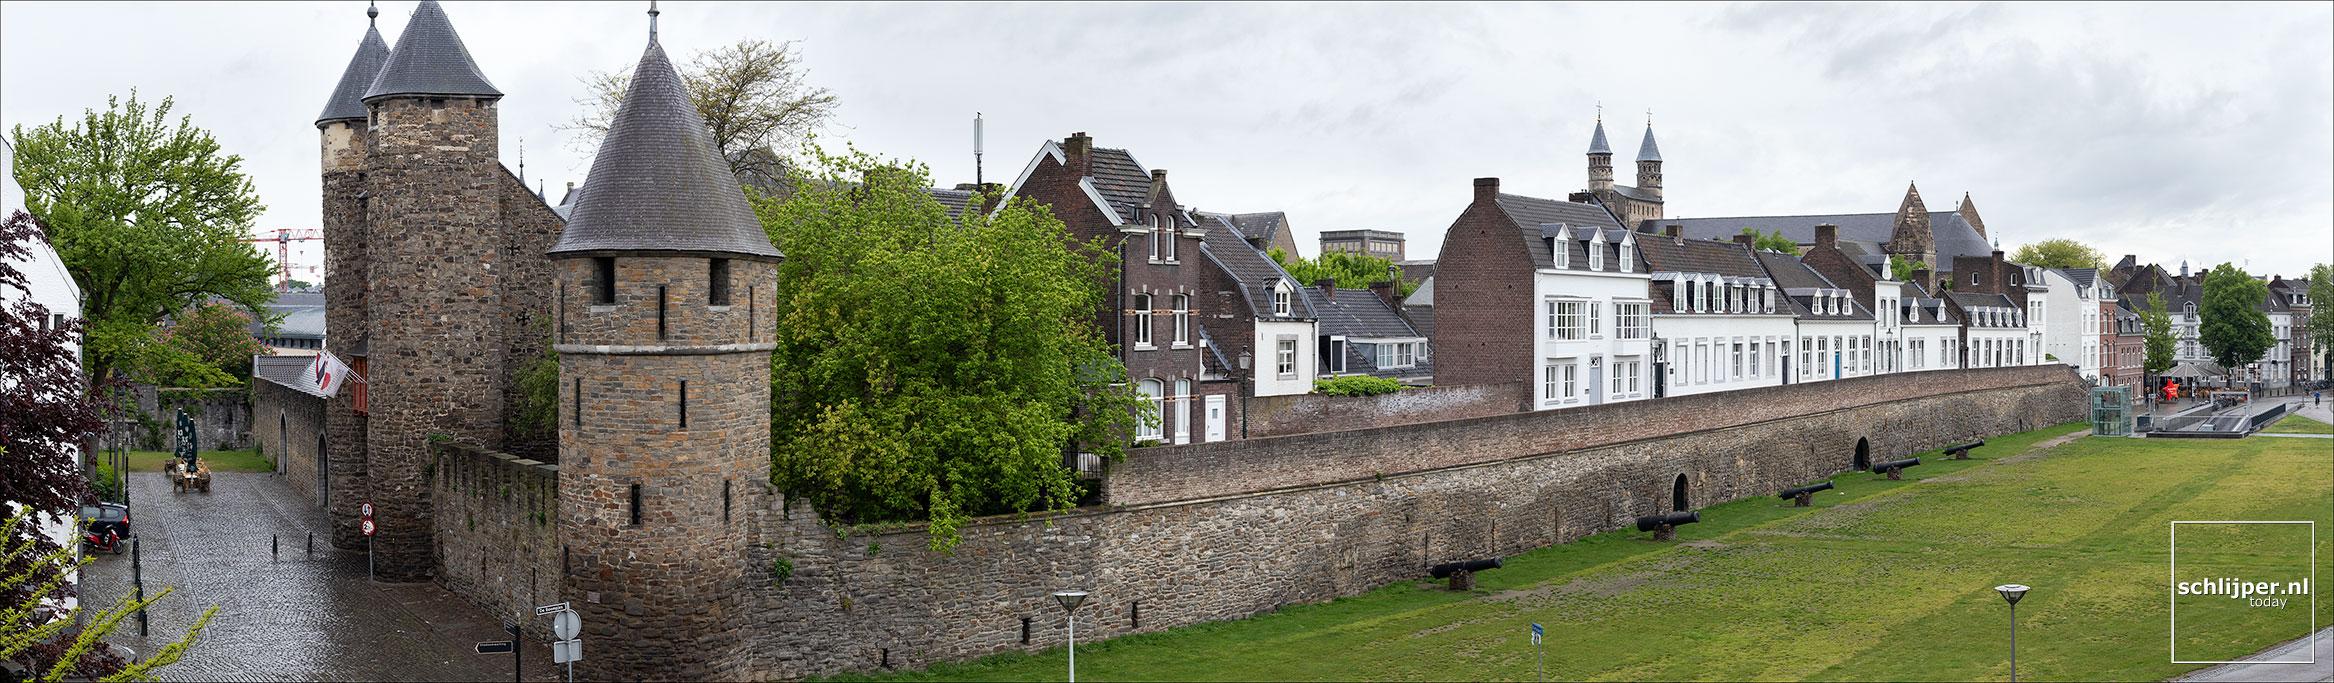 Nederland, Maastricht, 8 mei 2019